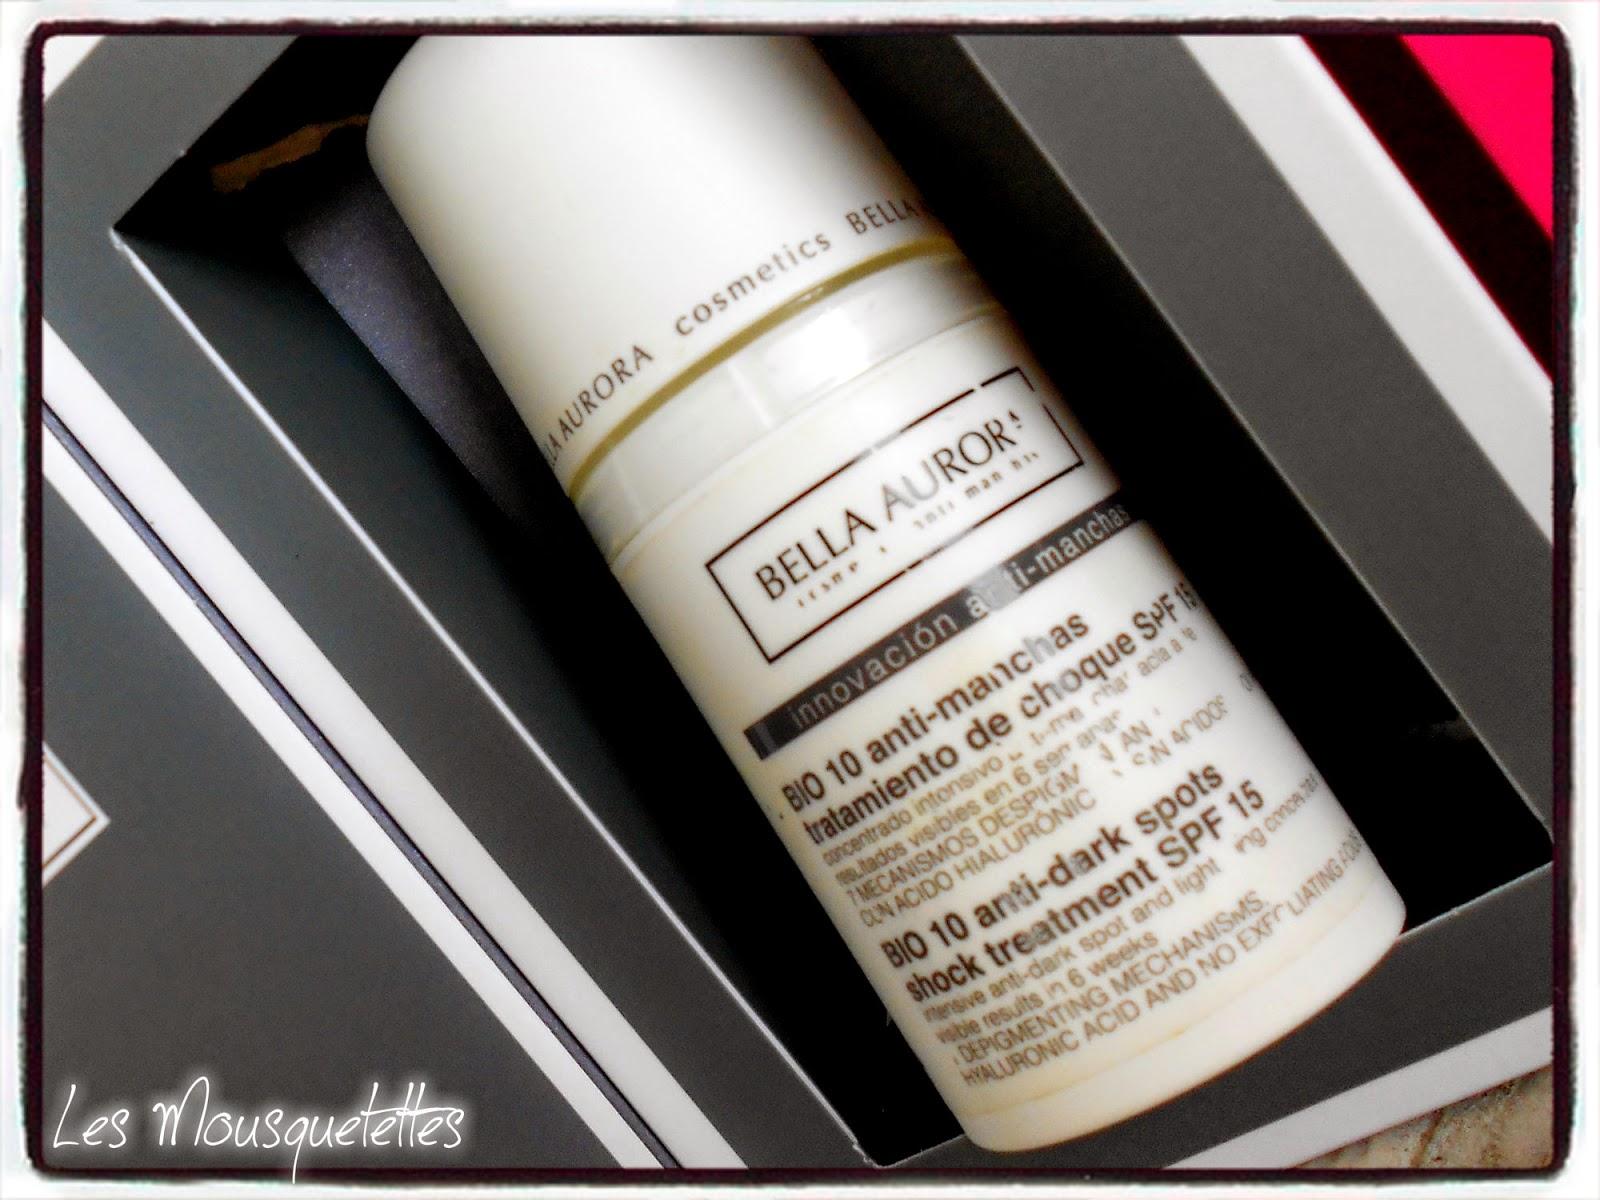 B10 traitement anti-tâches intensif Bella Aurora - Les Mousquetettes©